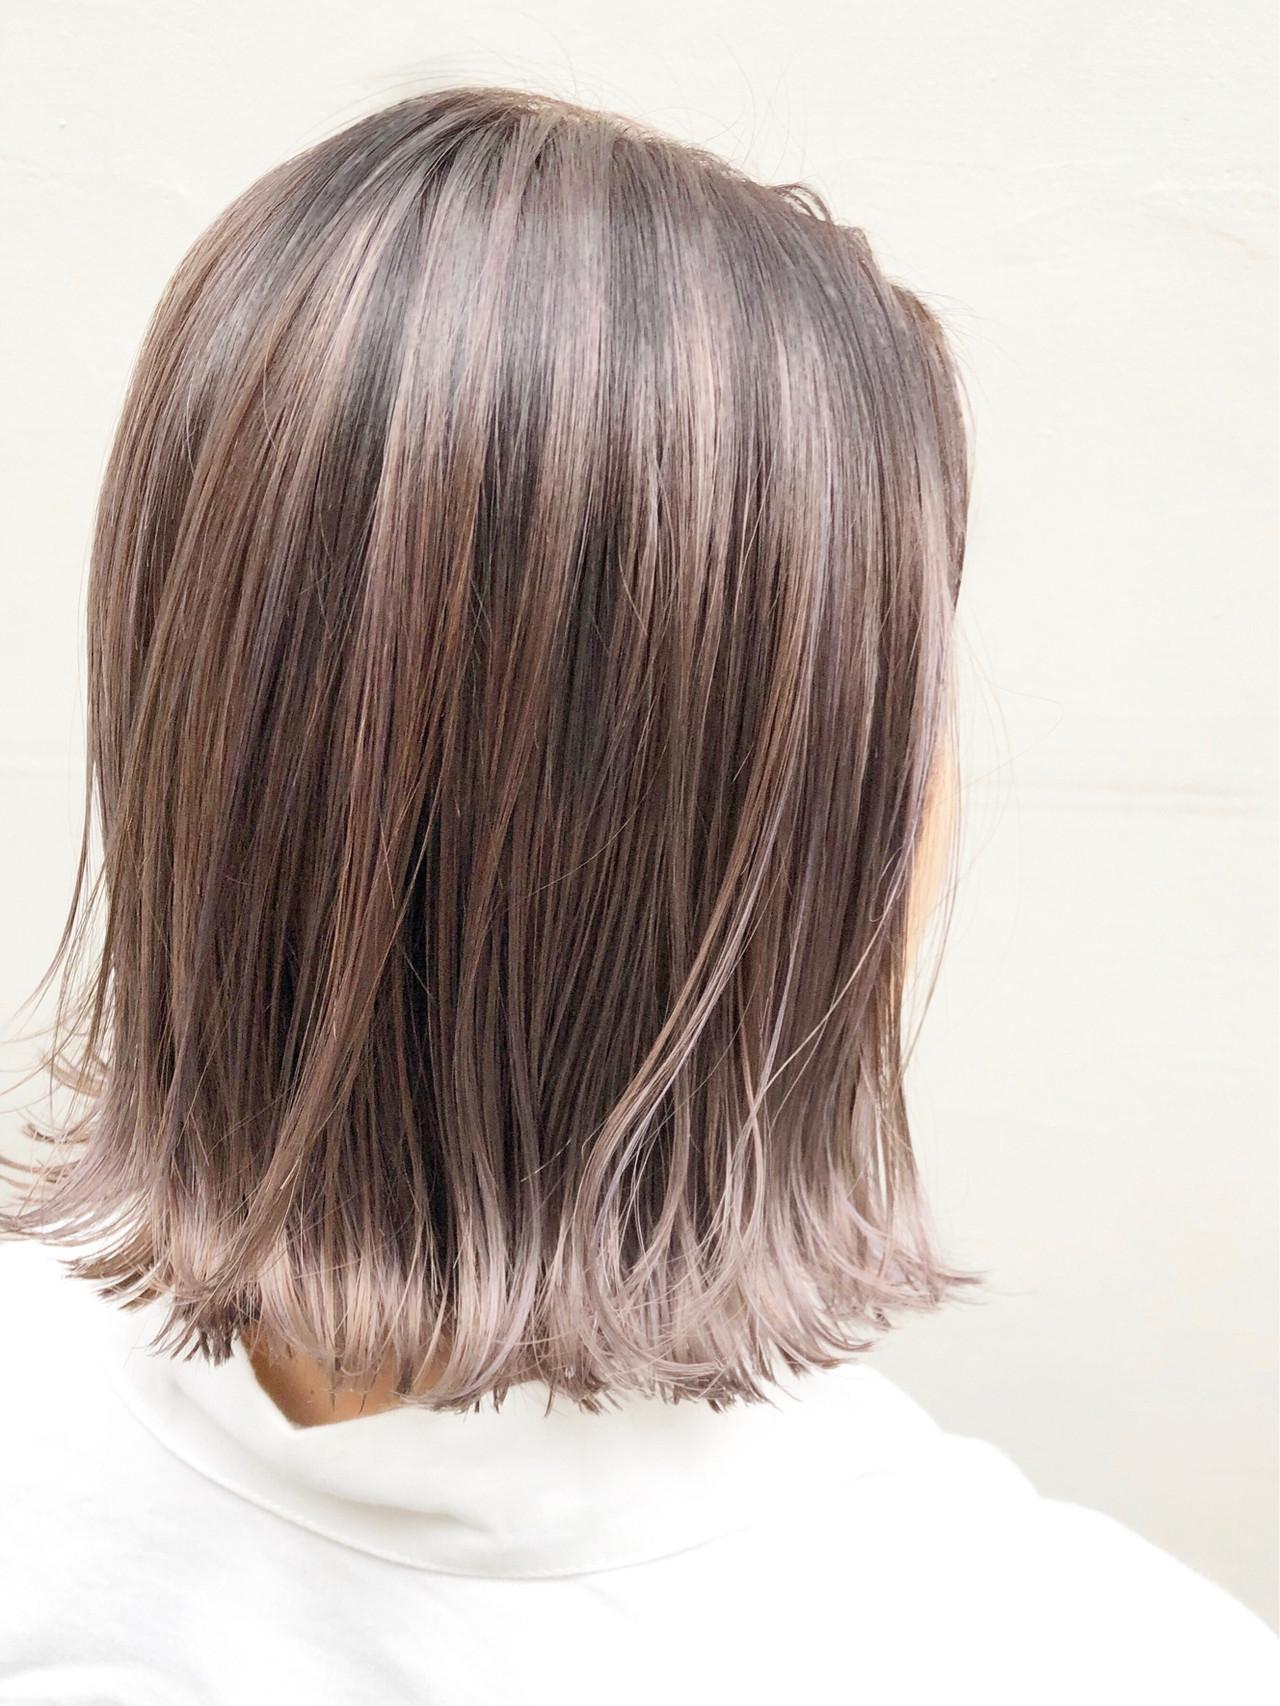 インナーカラー ナチュラル ボブ ショートボブ ヘアスタイルや髪型の写真・画像